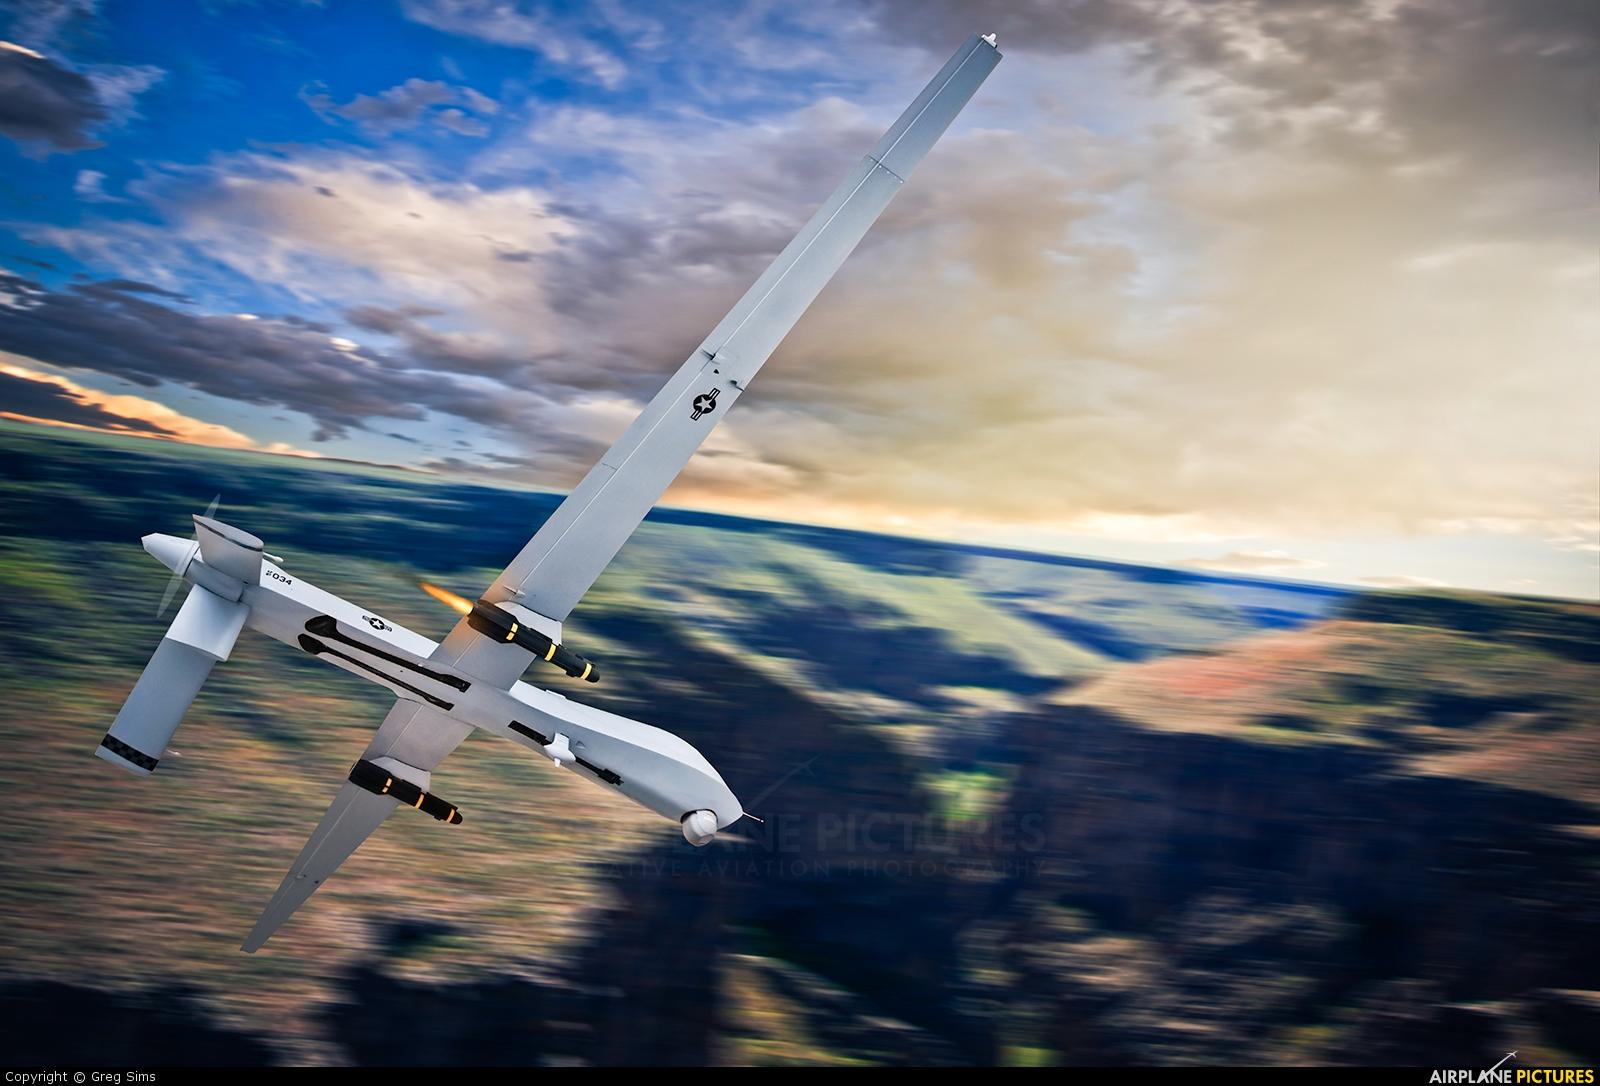 USA - Air Force - aircraft at In Flight - Nevada